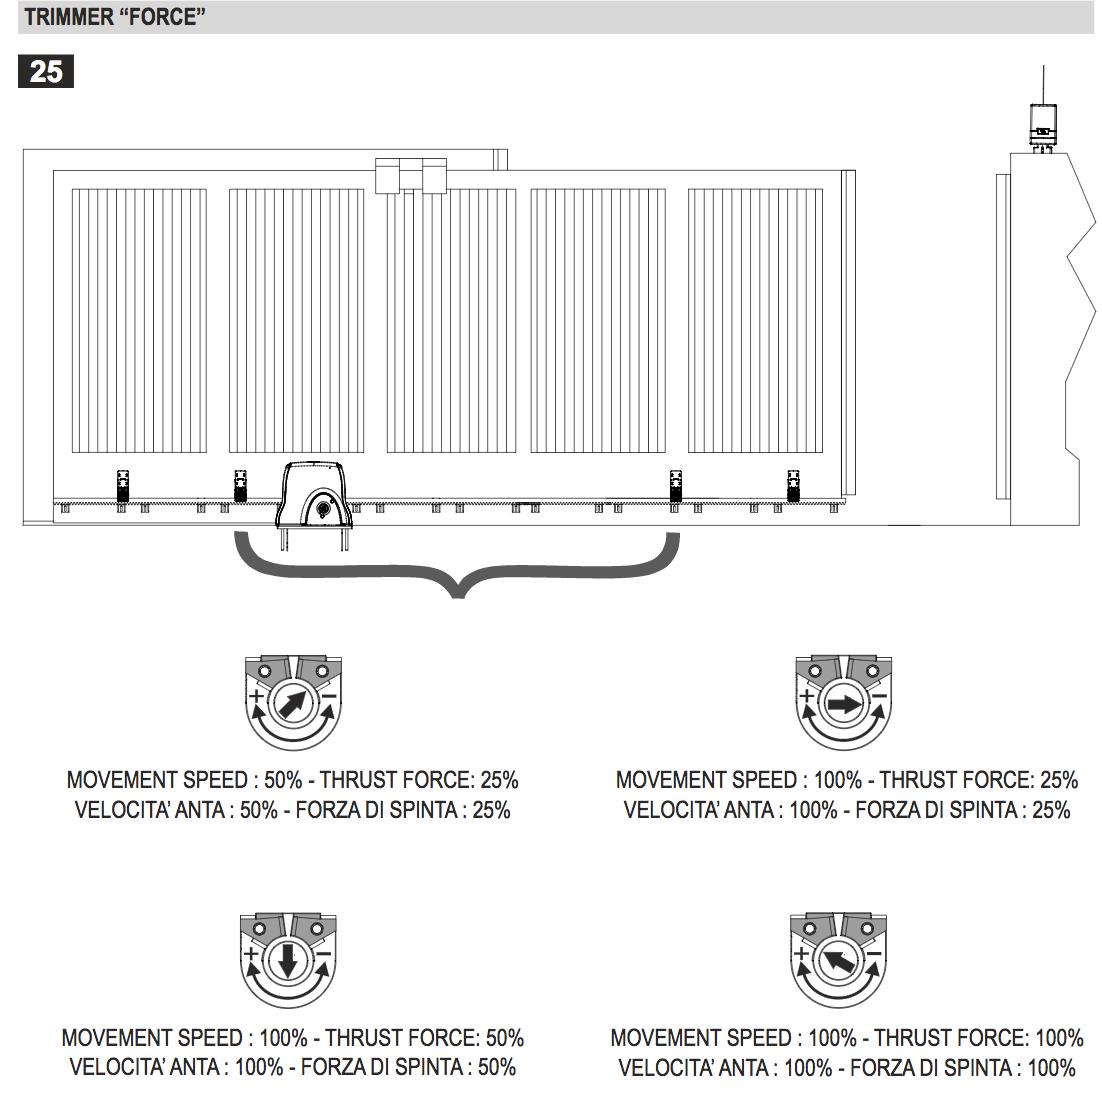 gibidi sliding gate motor